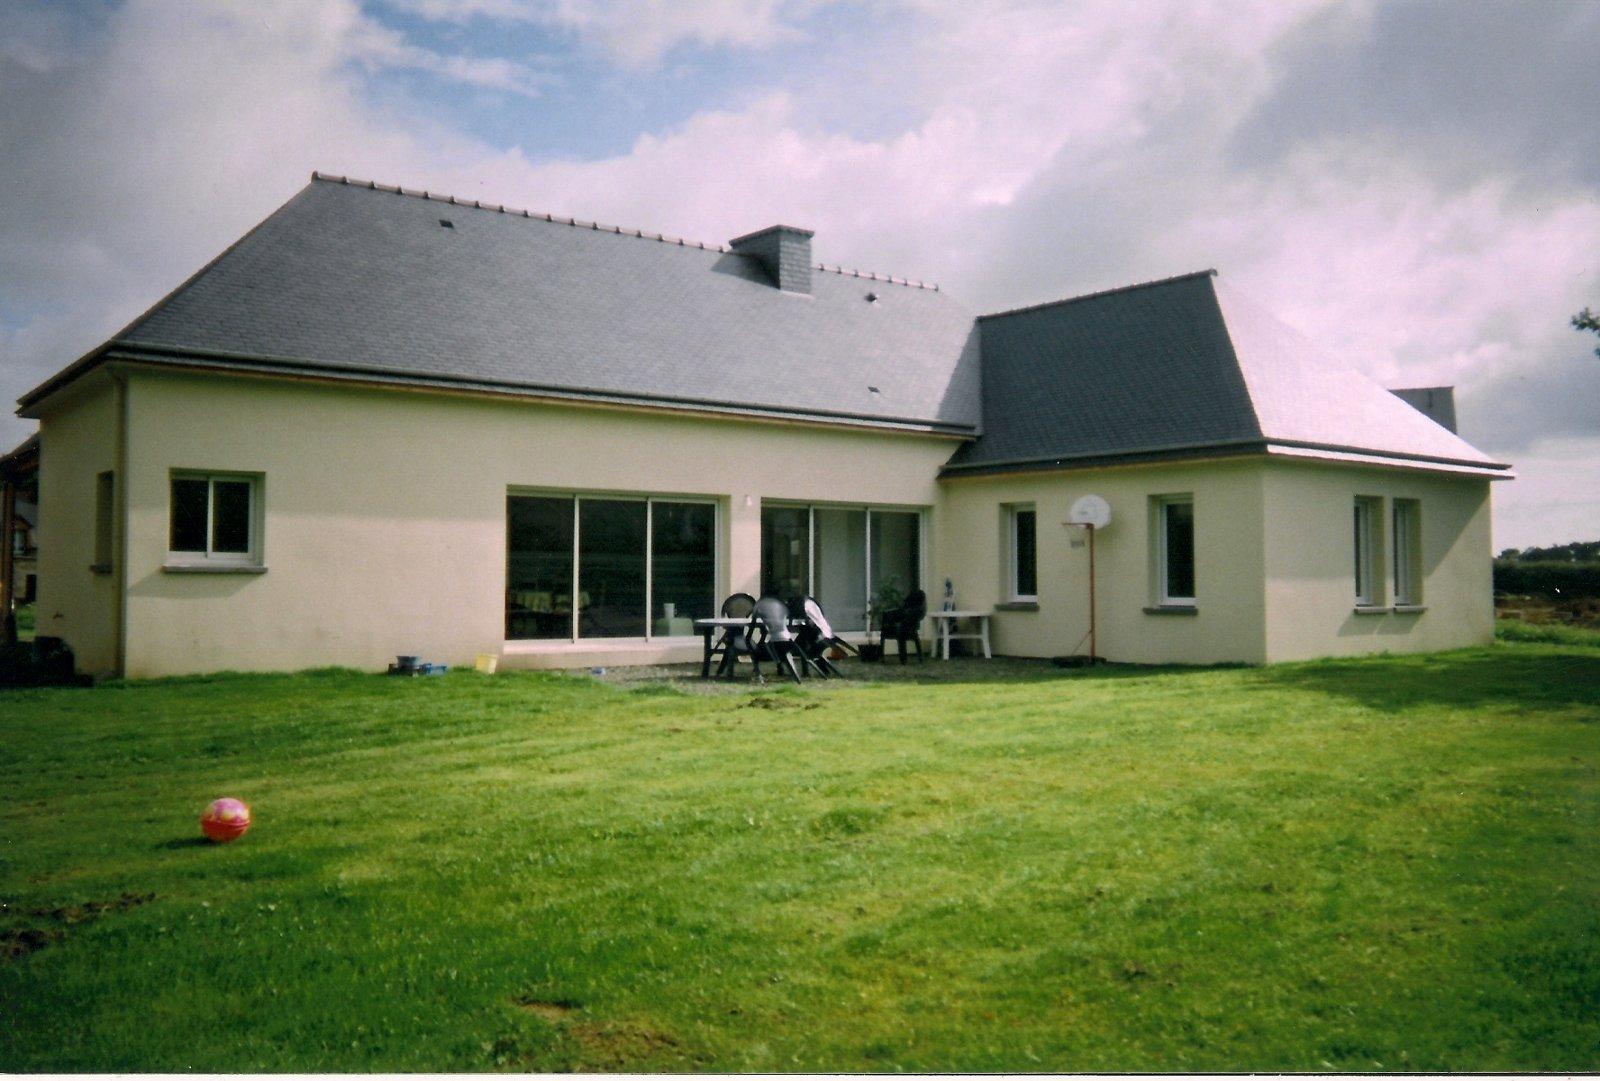 Exemples de maisons neuves lml entreprise de for De ma maison